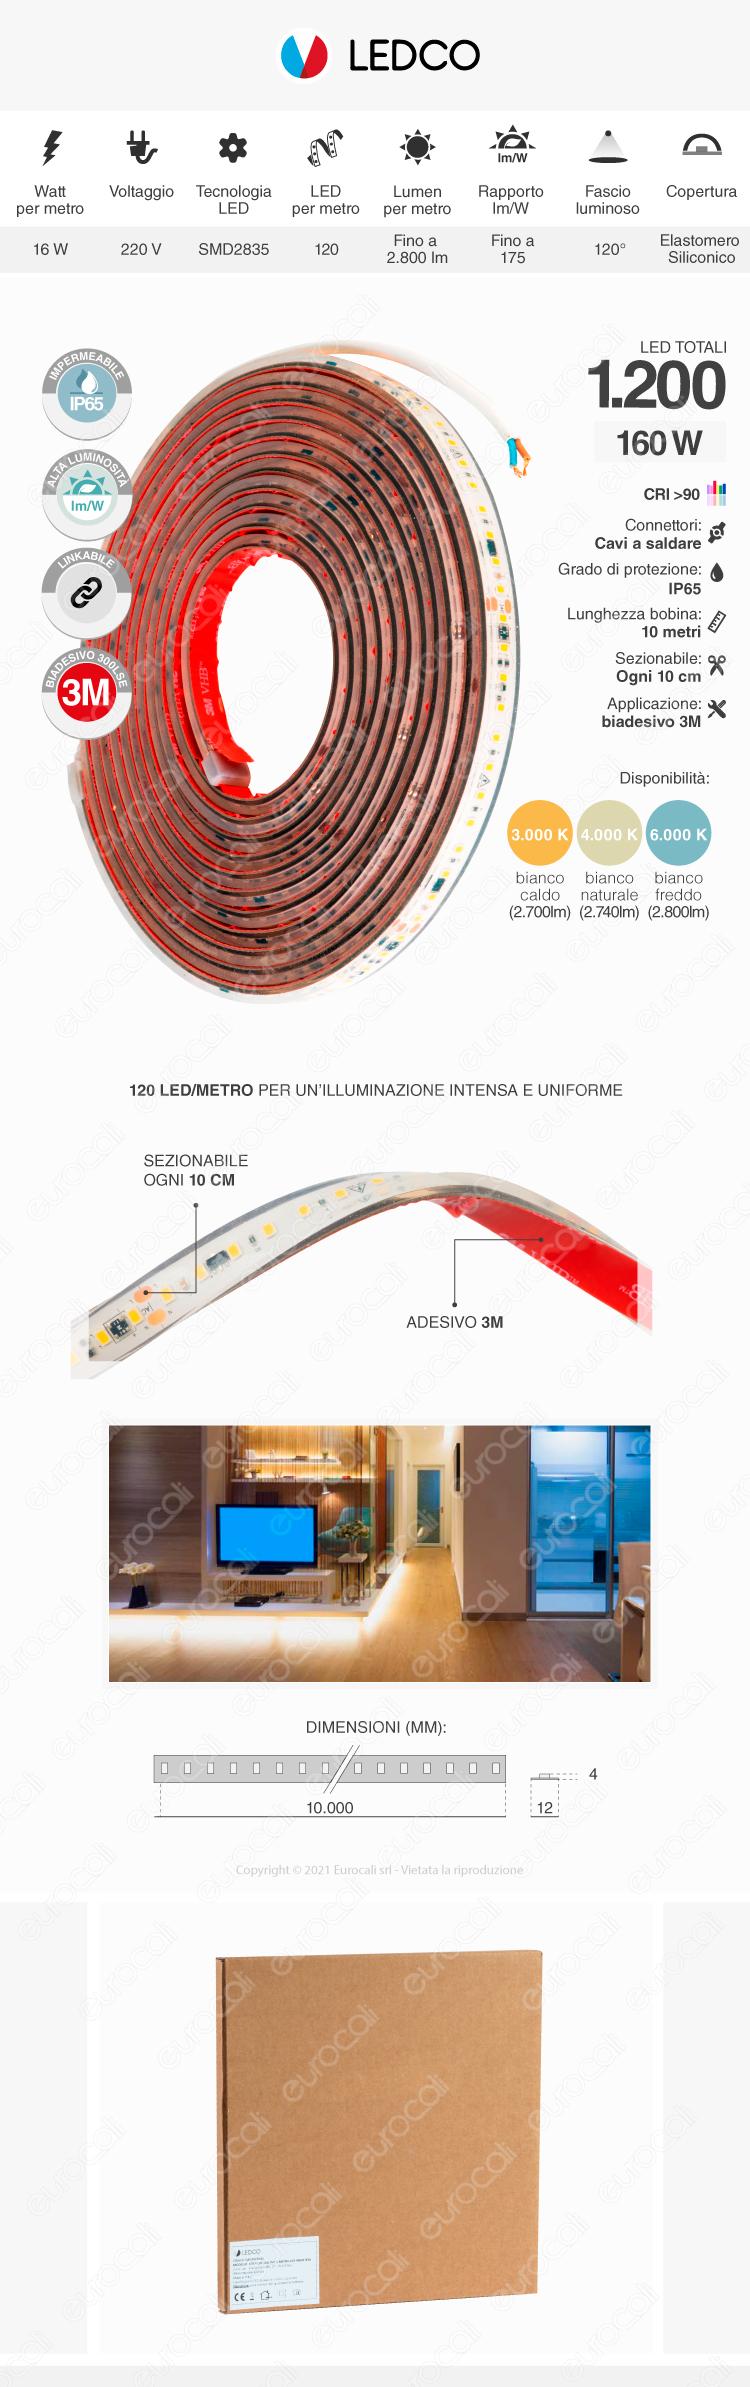 Strisca Led Ledco SLP220LBN65/10